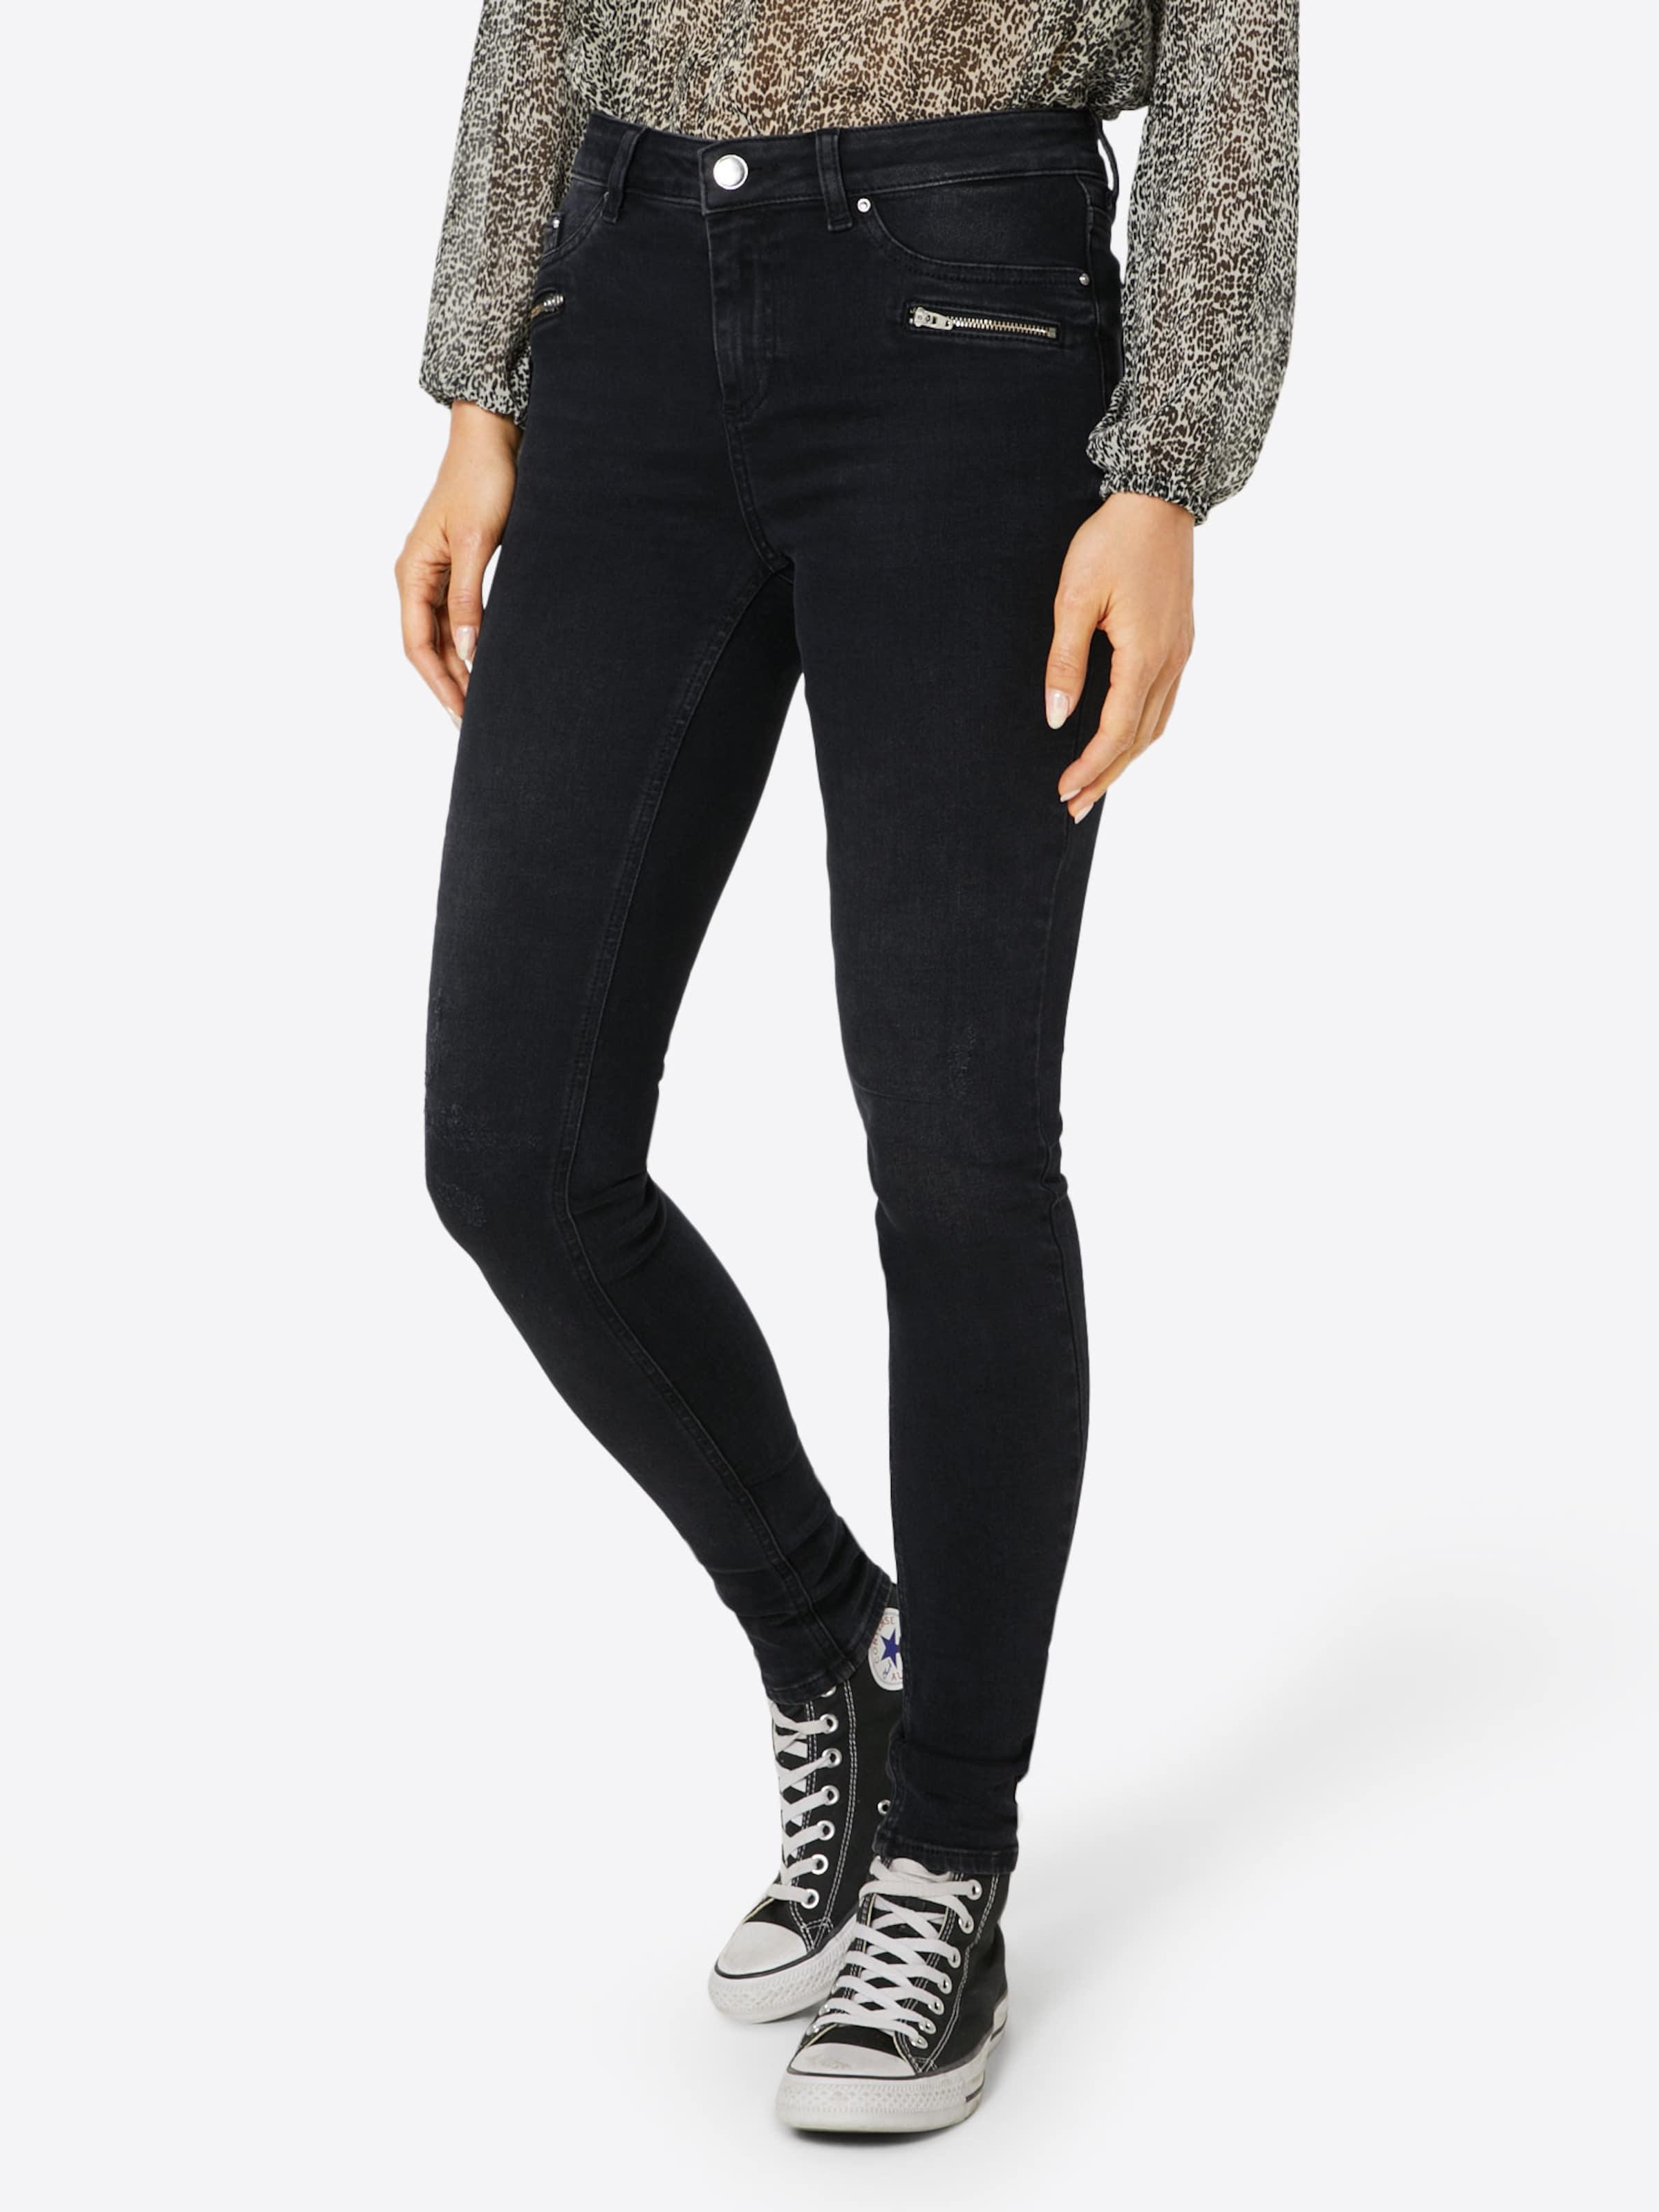 In Jeans Grau Pieces Pieces In Jeans Pieces Grau Jeans kPnO80w